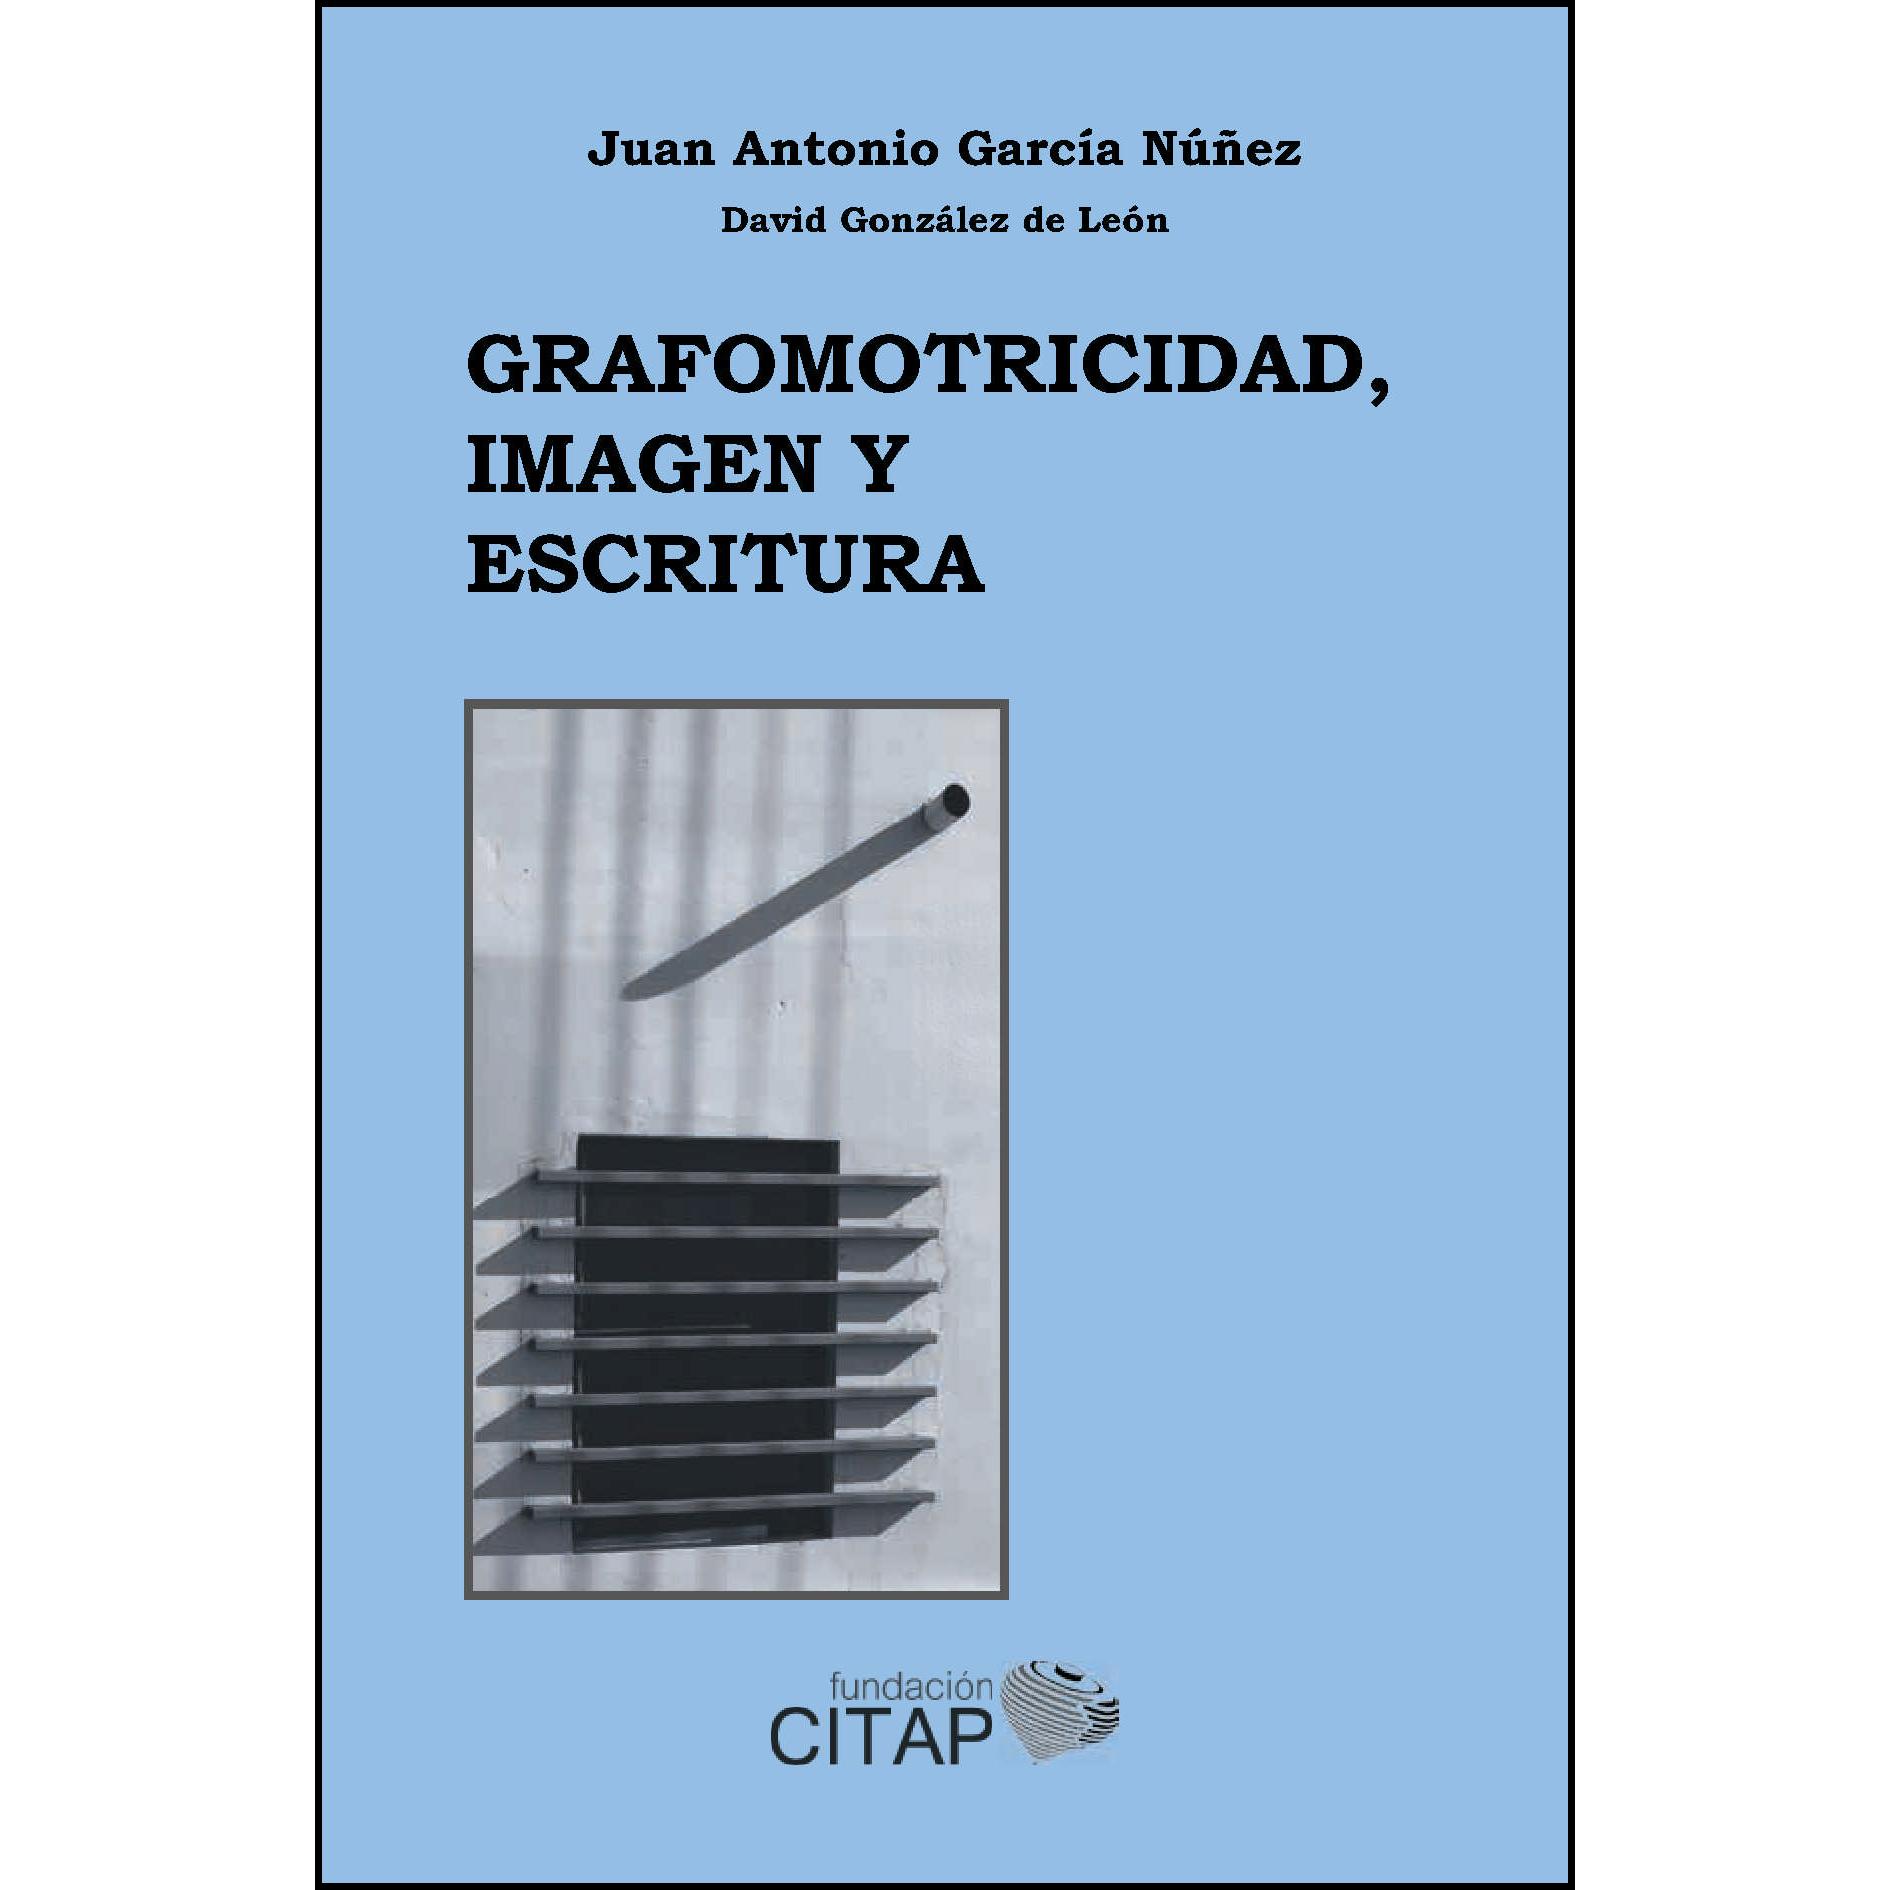 Grafomotricidad, imagen y escritura 978-84-617-9053-1